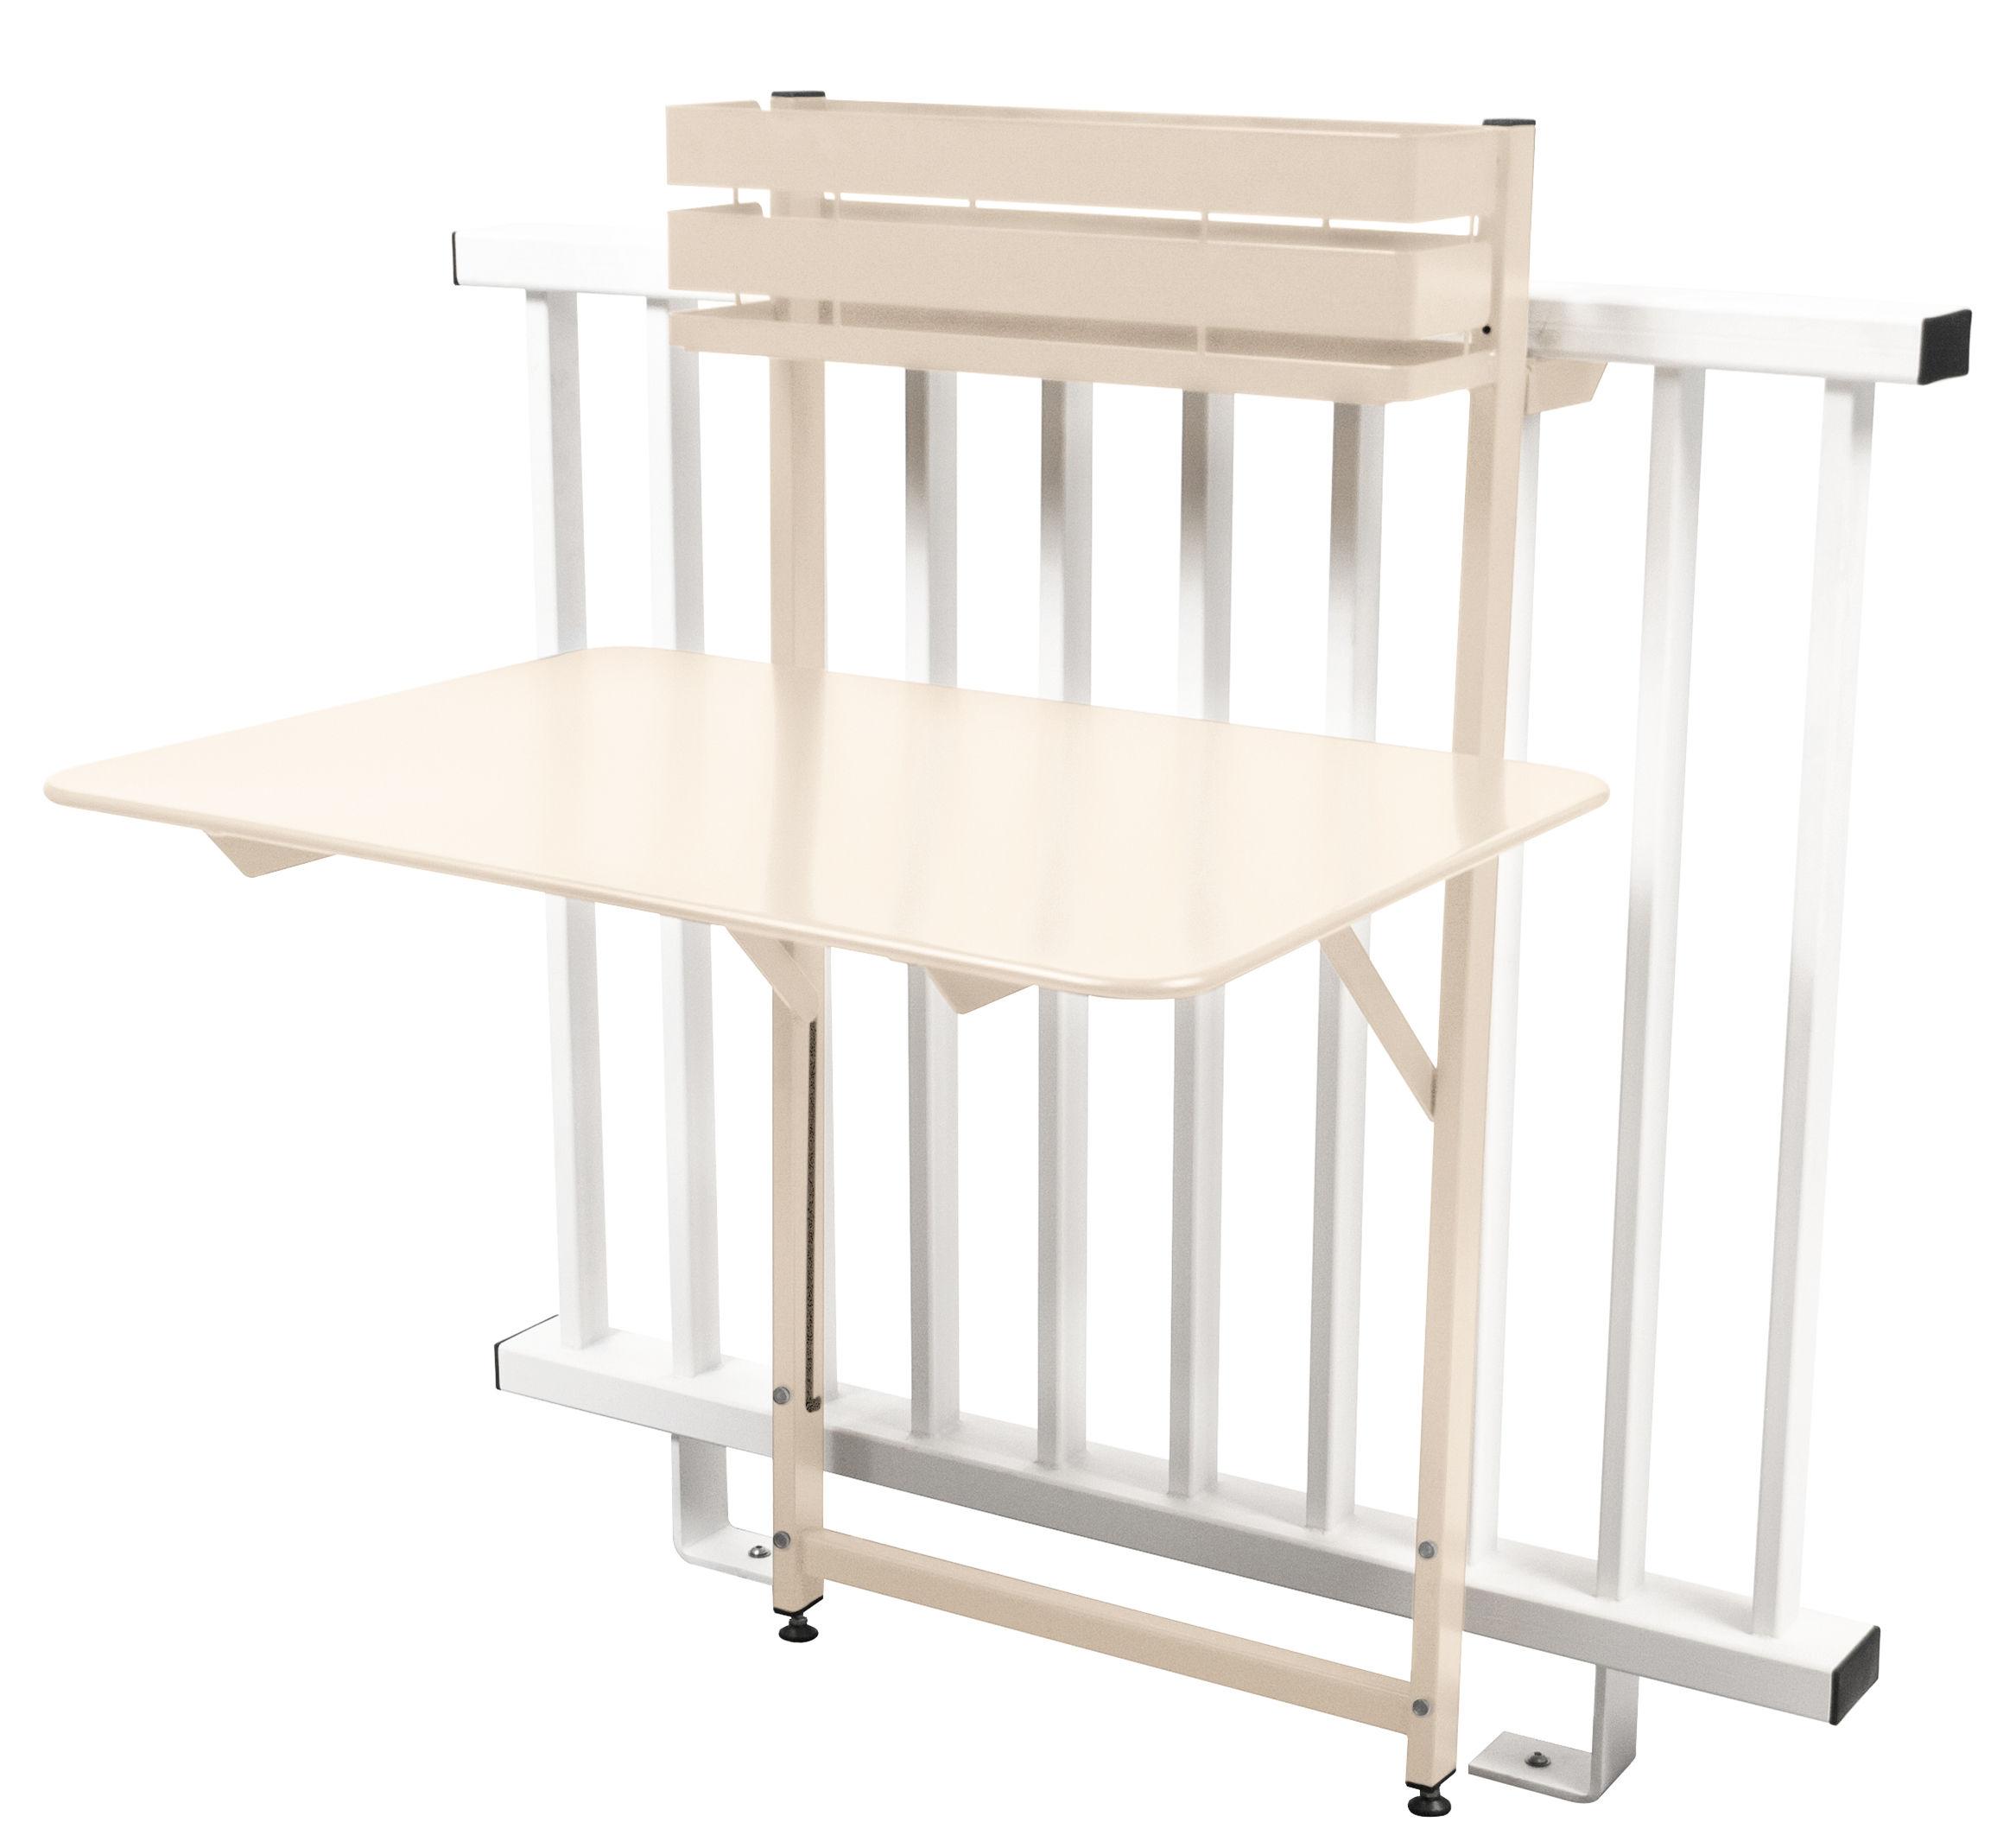 Table rabattable balcon maison design - Table de balcon rabattable ...